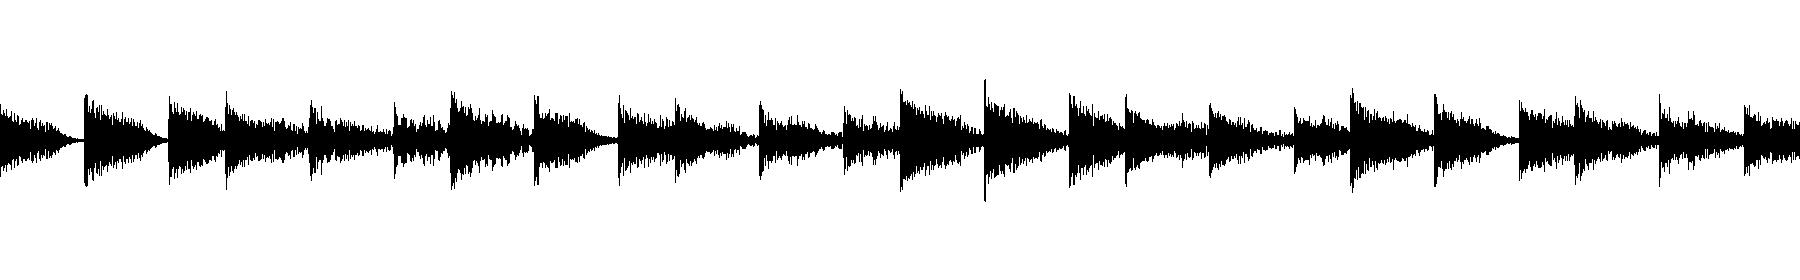 80s loop